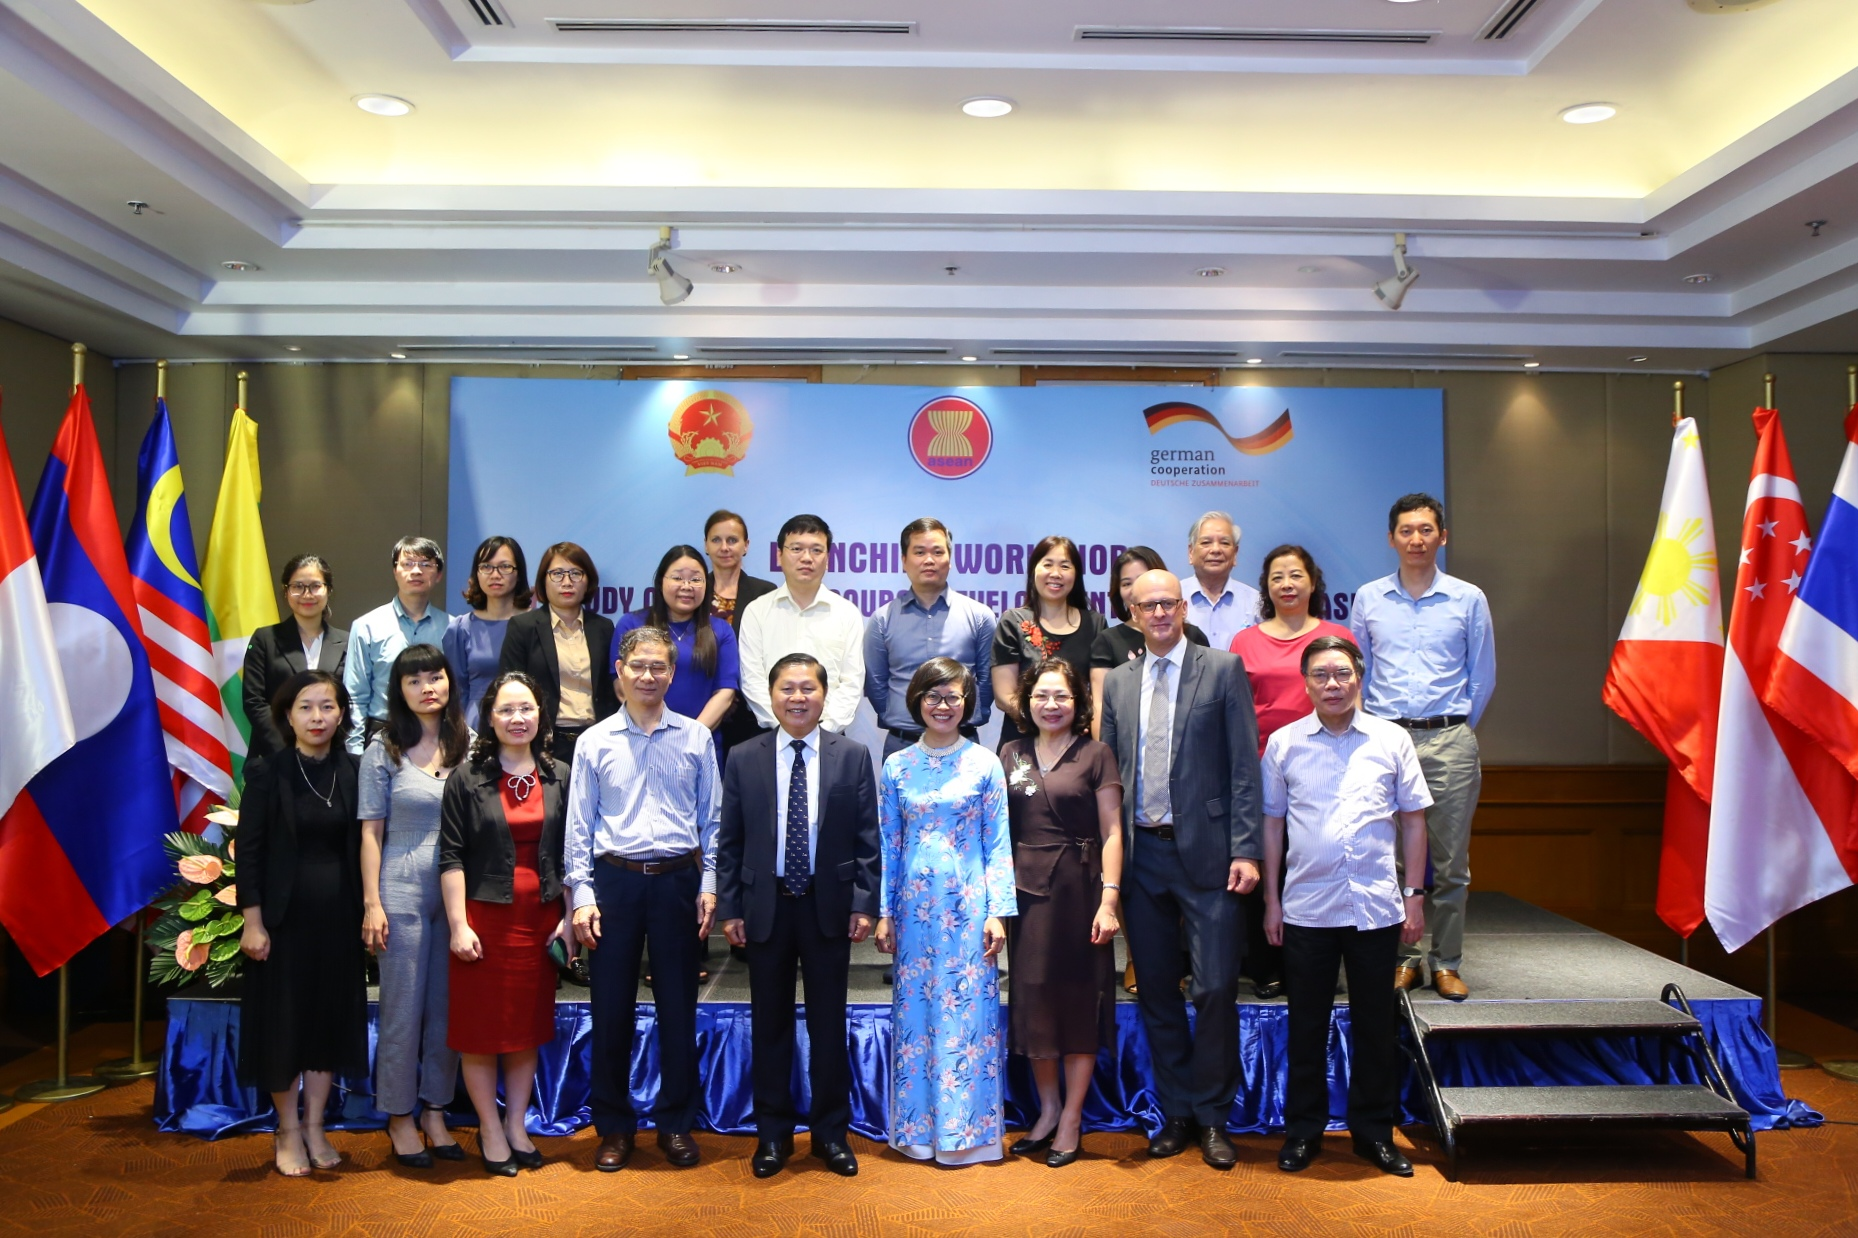 Ra mắt báo cáo nghiên cứu về nguồn nhân lực ASEAN